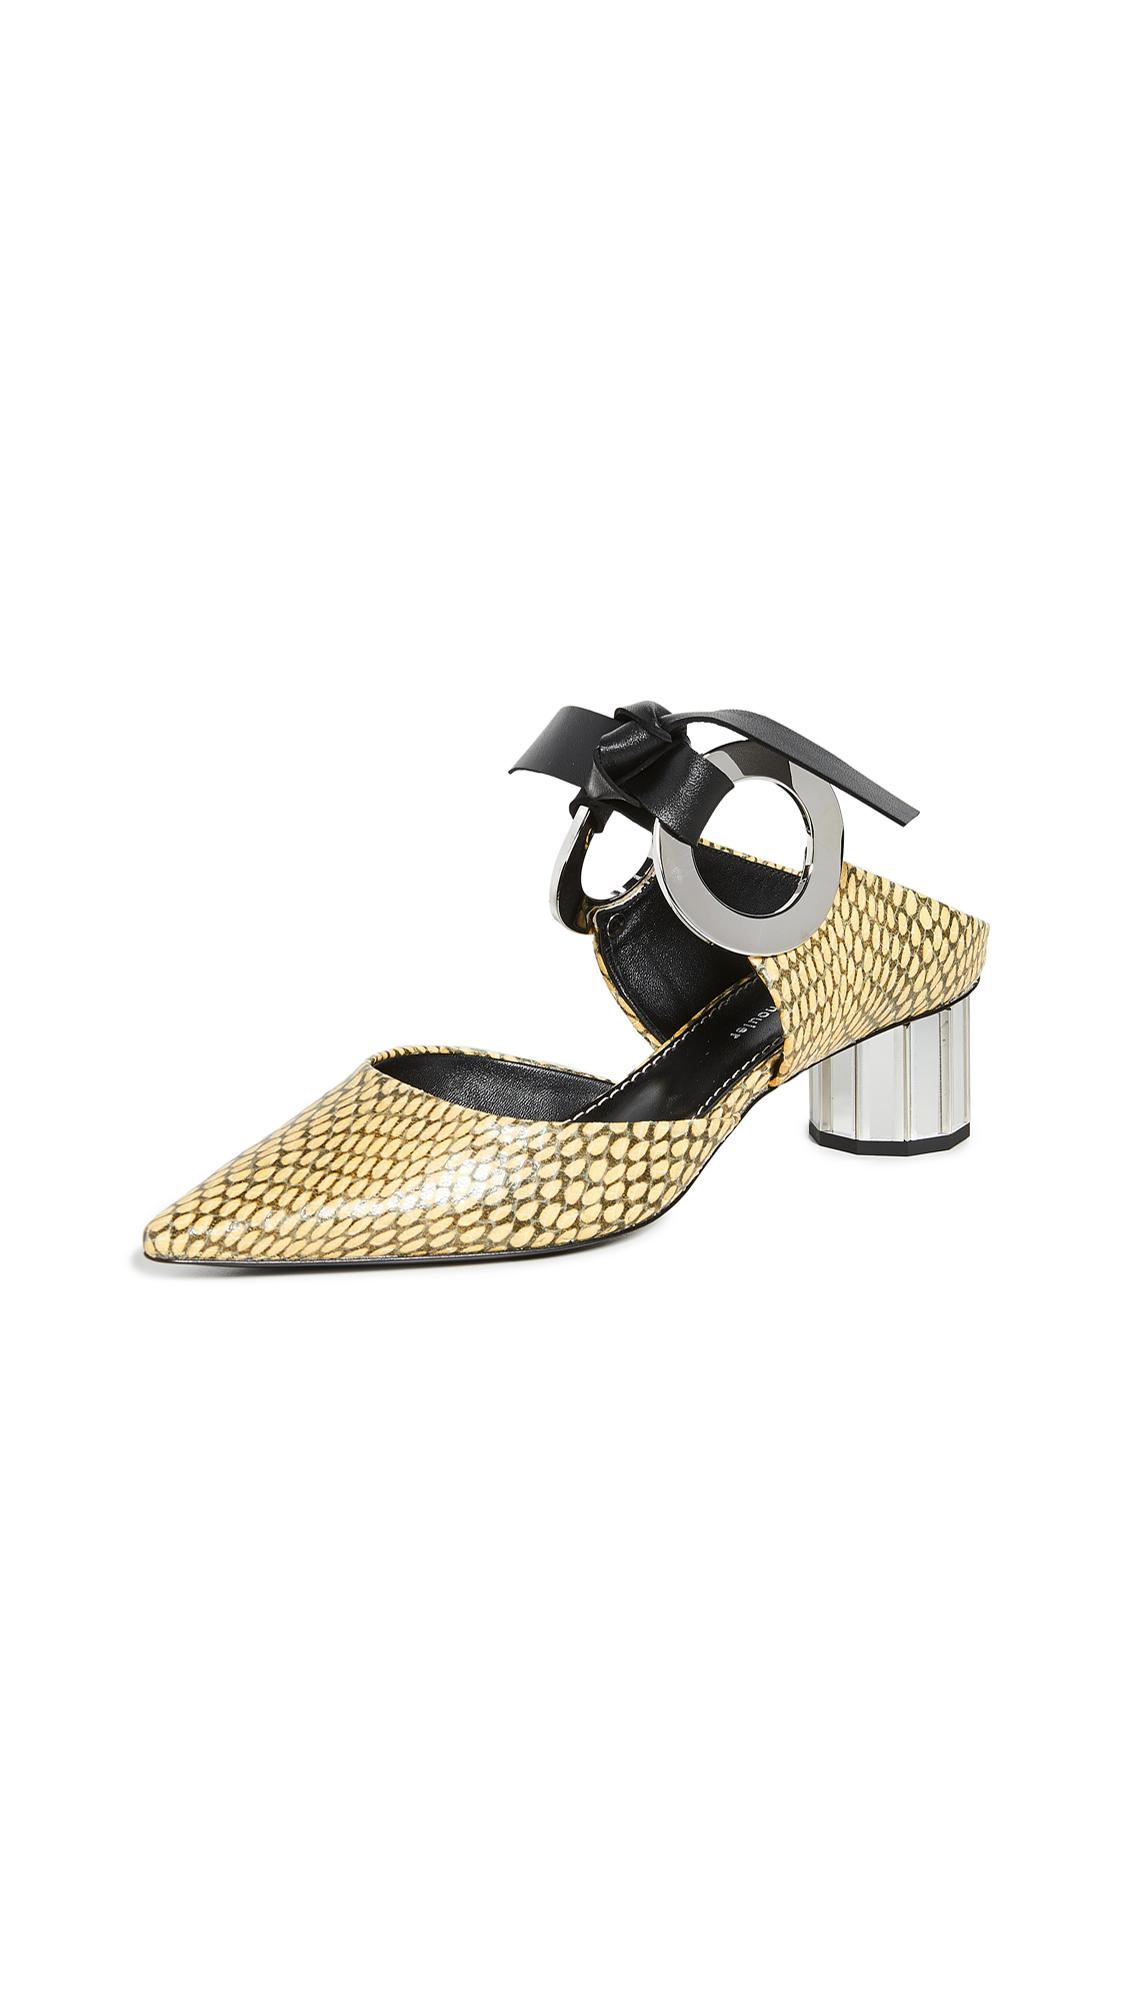 Buy Proenza Schouler Front Tie Mules online, shop Proenza Schouler